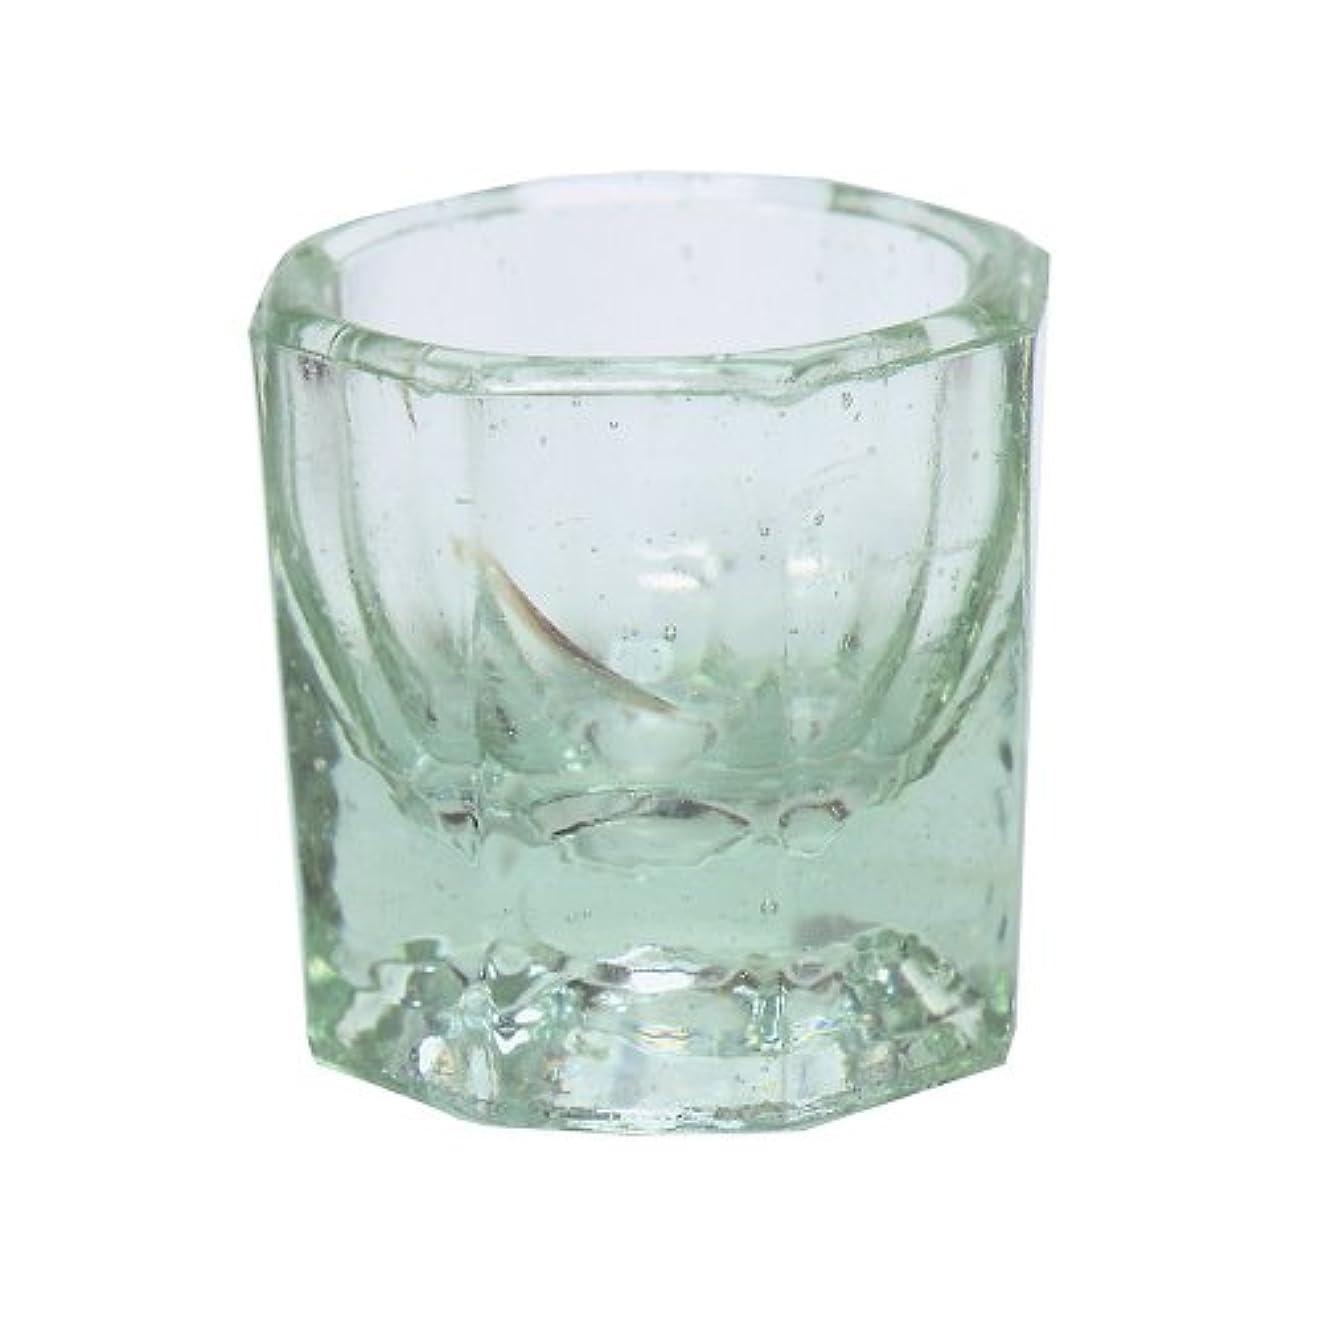 聖人一致熱意Nrpfell Nrpfell(R)5パック、オールシーズンガラス皿